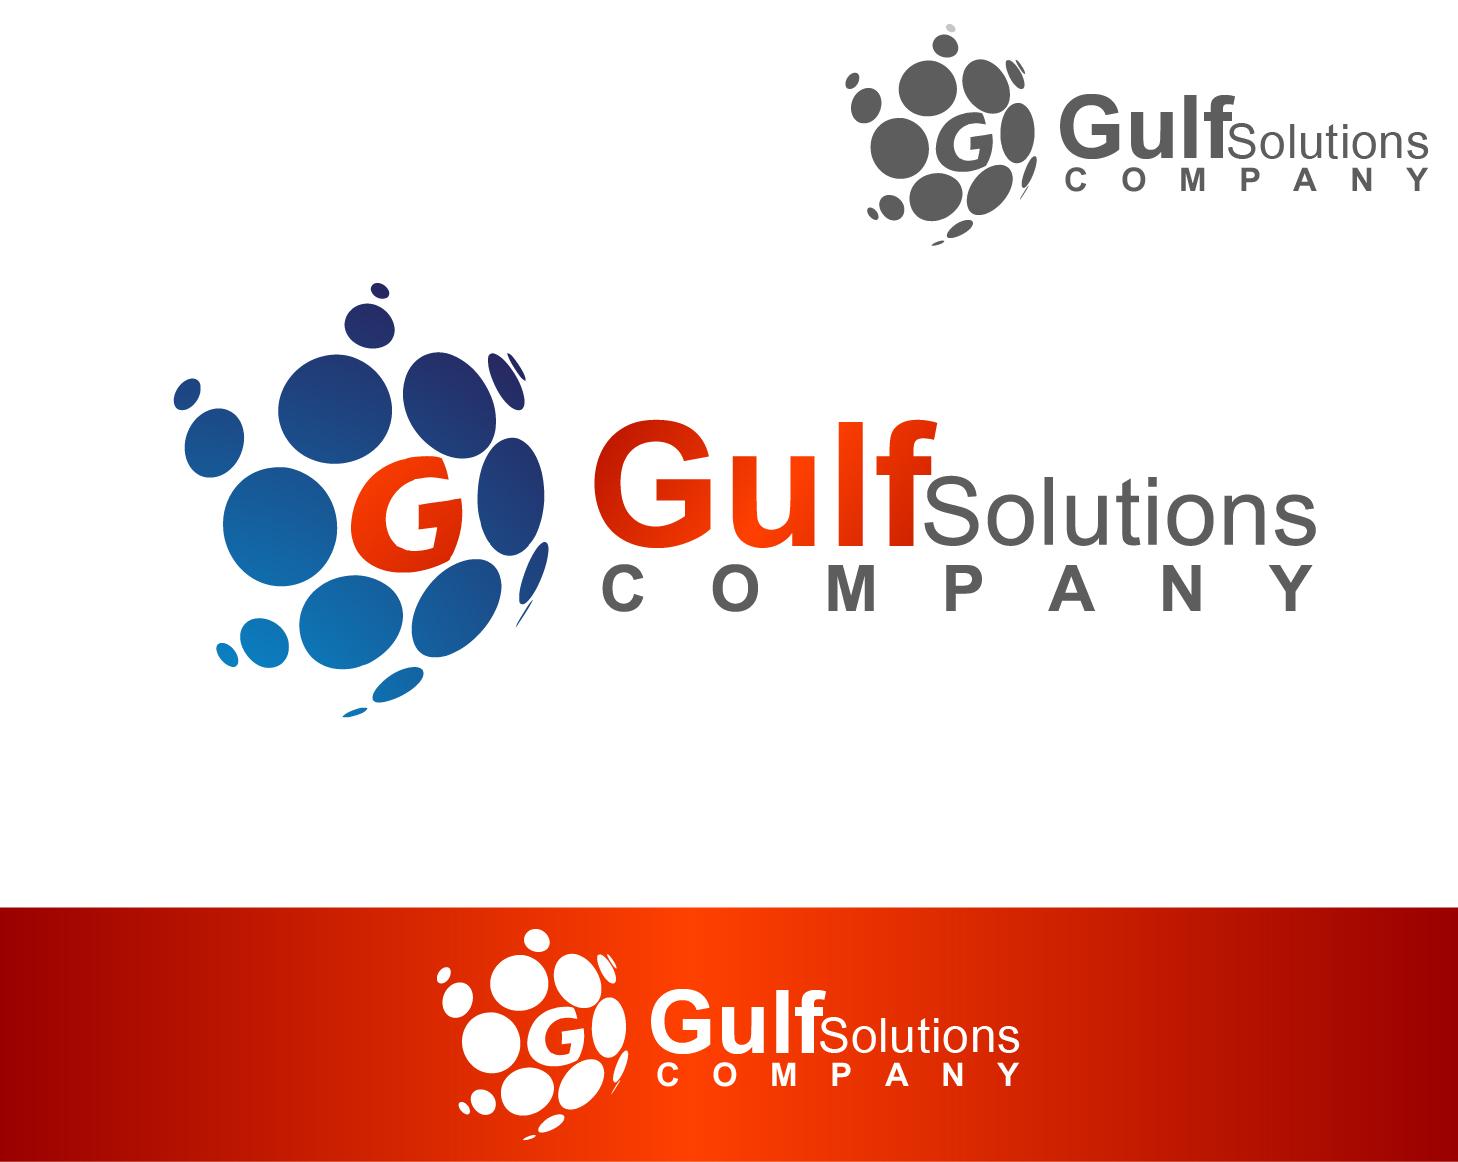 Logo Design by VENTSISLAV KOVACHEV - Entry No. 82 in the Logo Design Contest New Logo Design for Gulf solutions company.